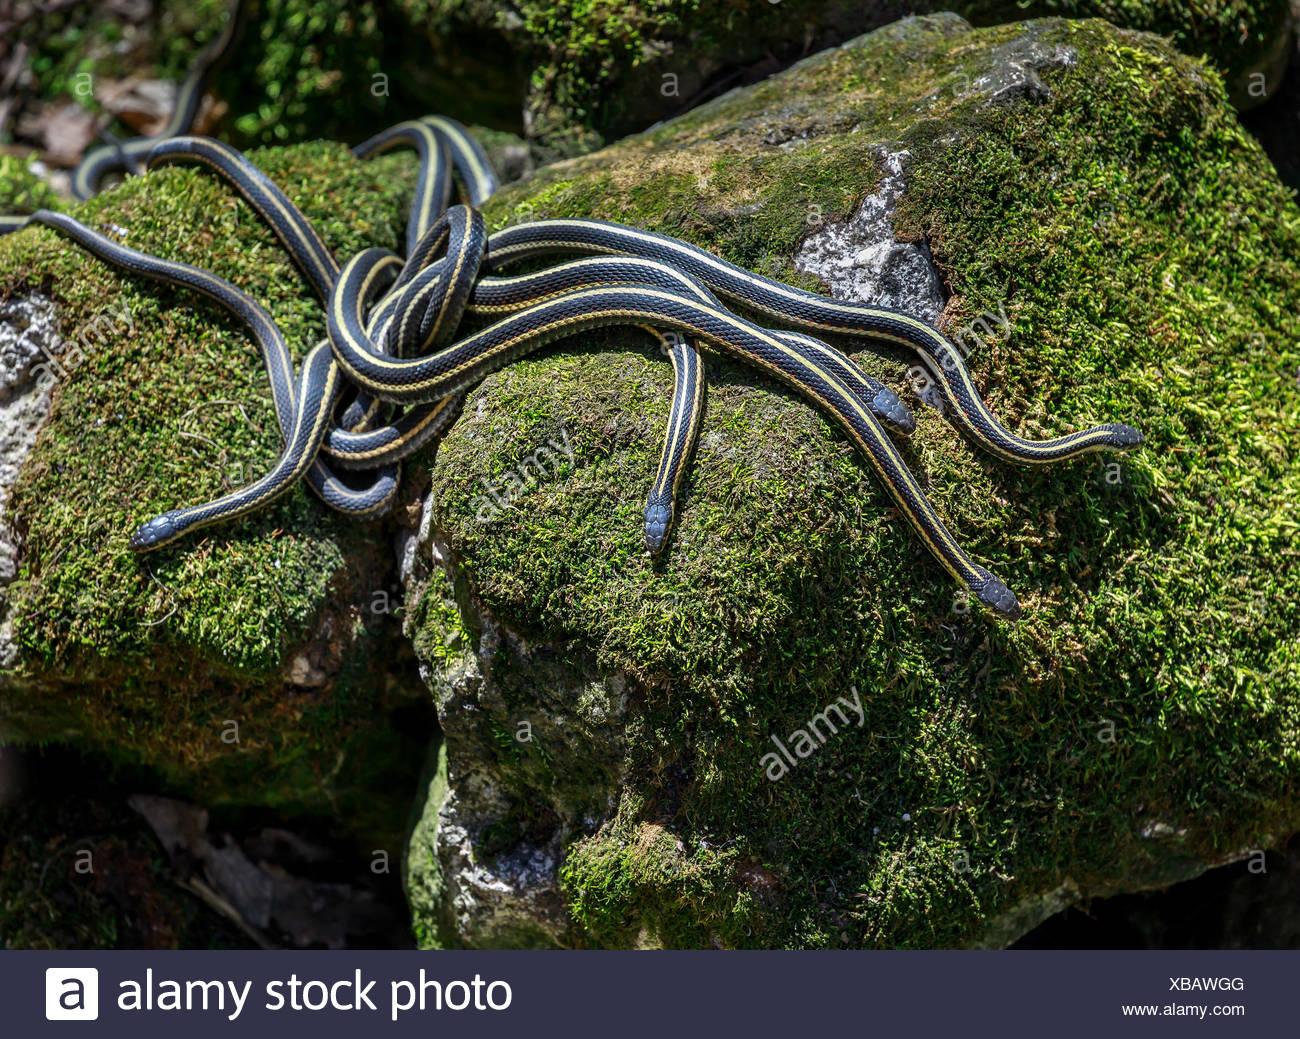 Rot-seitig Strumpfband Schlangen, die sich aus den Überwinterung während der jährlichen Paarungsritual, narcisse Schlange dens, narcisse, Manitoba, Kanada. Stockbild